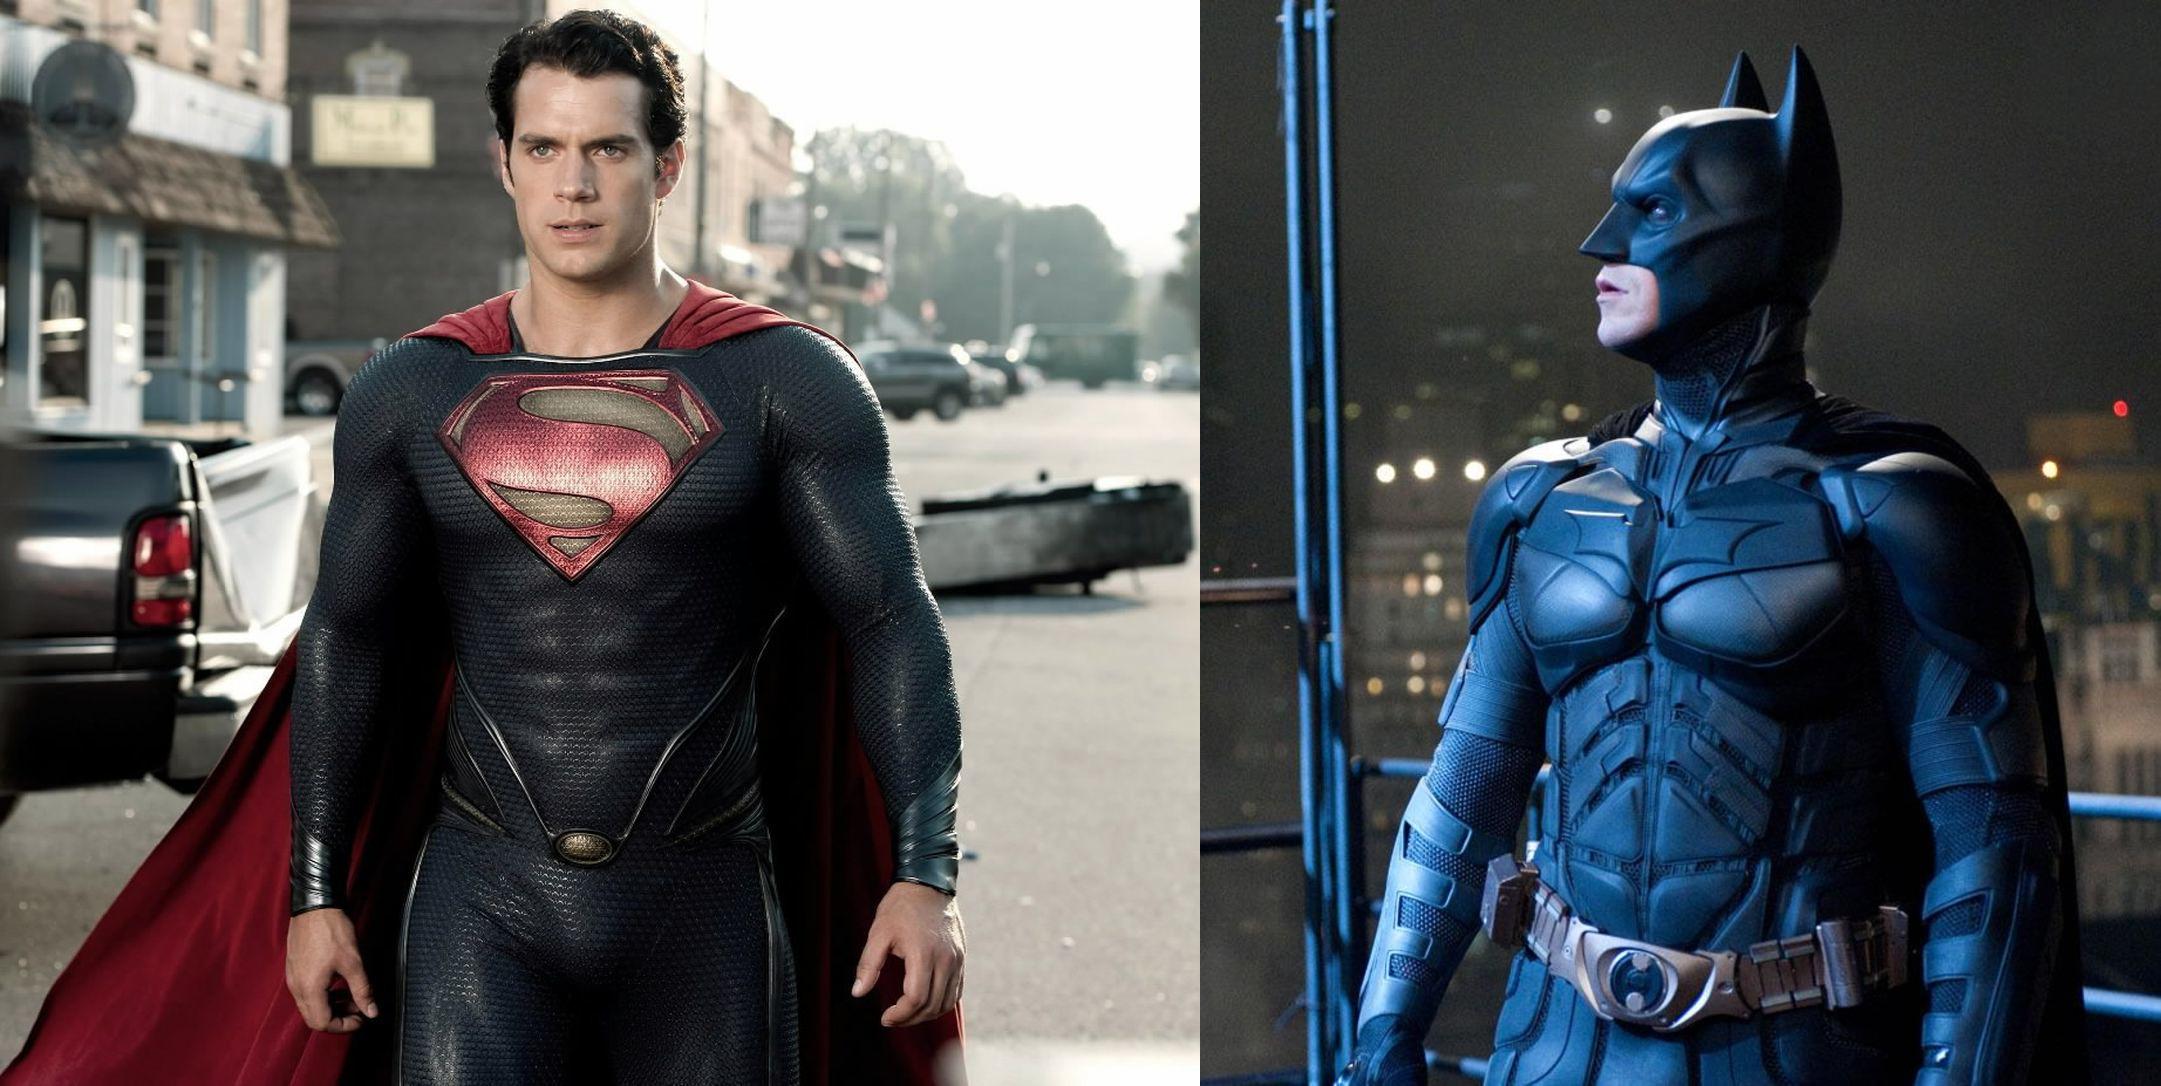 Zack Snyder considerou colocar O Homem de Aço no mesmo universo de Cavaleiro das Trevas